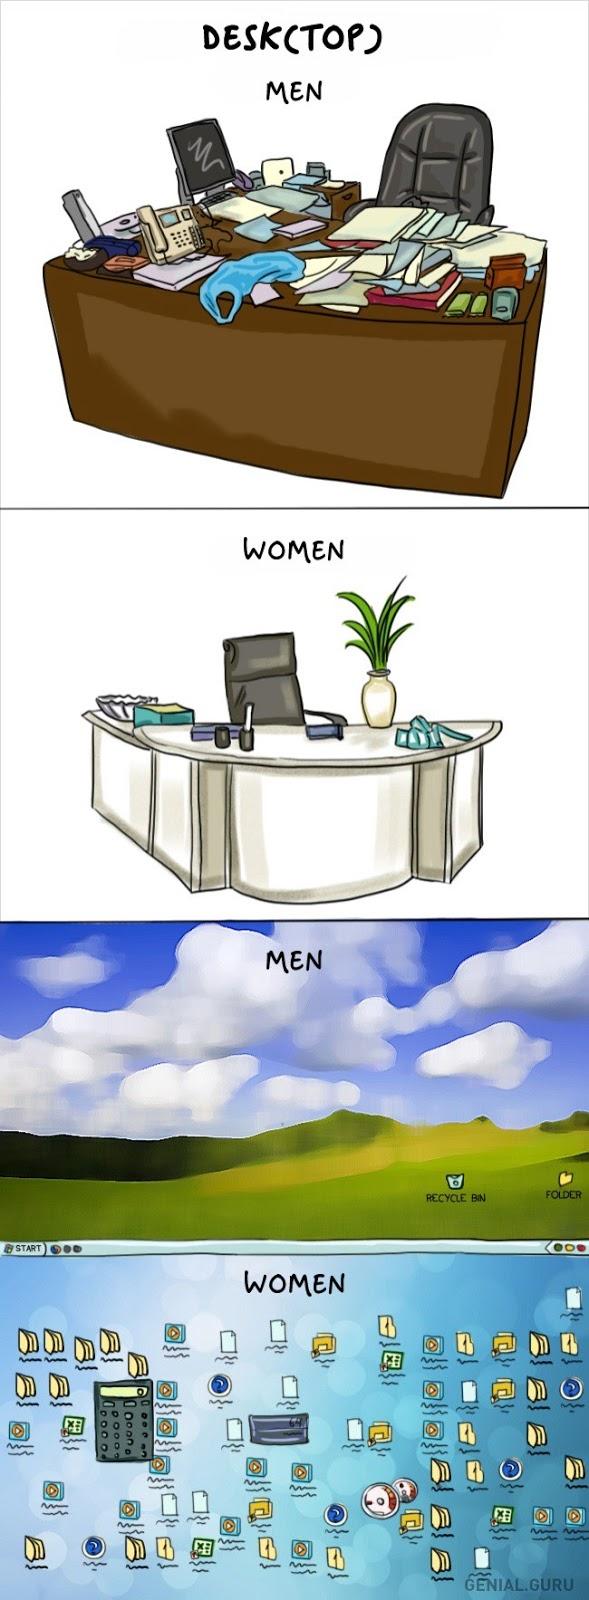 Understanding%2BThe%2BFunny%2BDifferences%2BBetween%2BMen%2Band%2BWomen%2B%252810%2529 Understanding The 15 Funny Differences Between Men and Women Interior